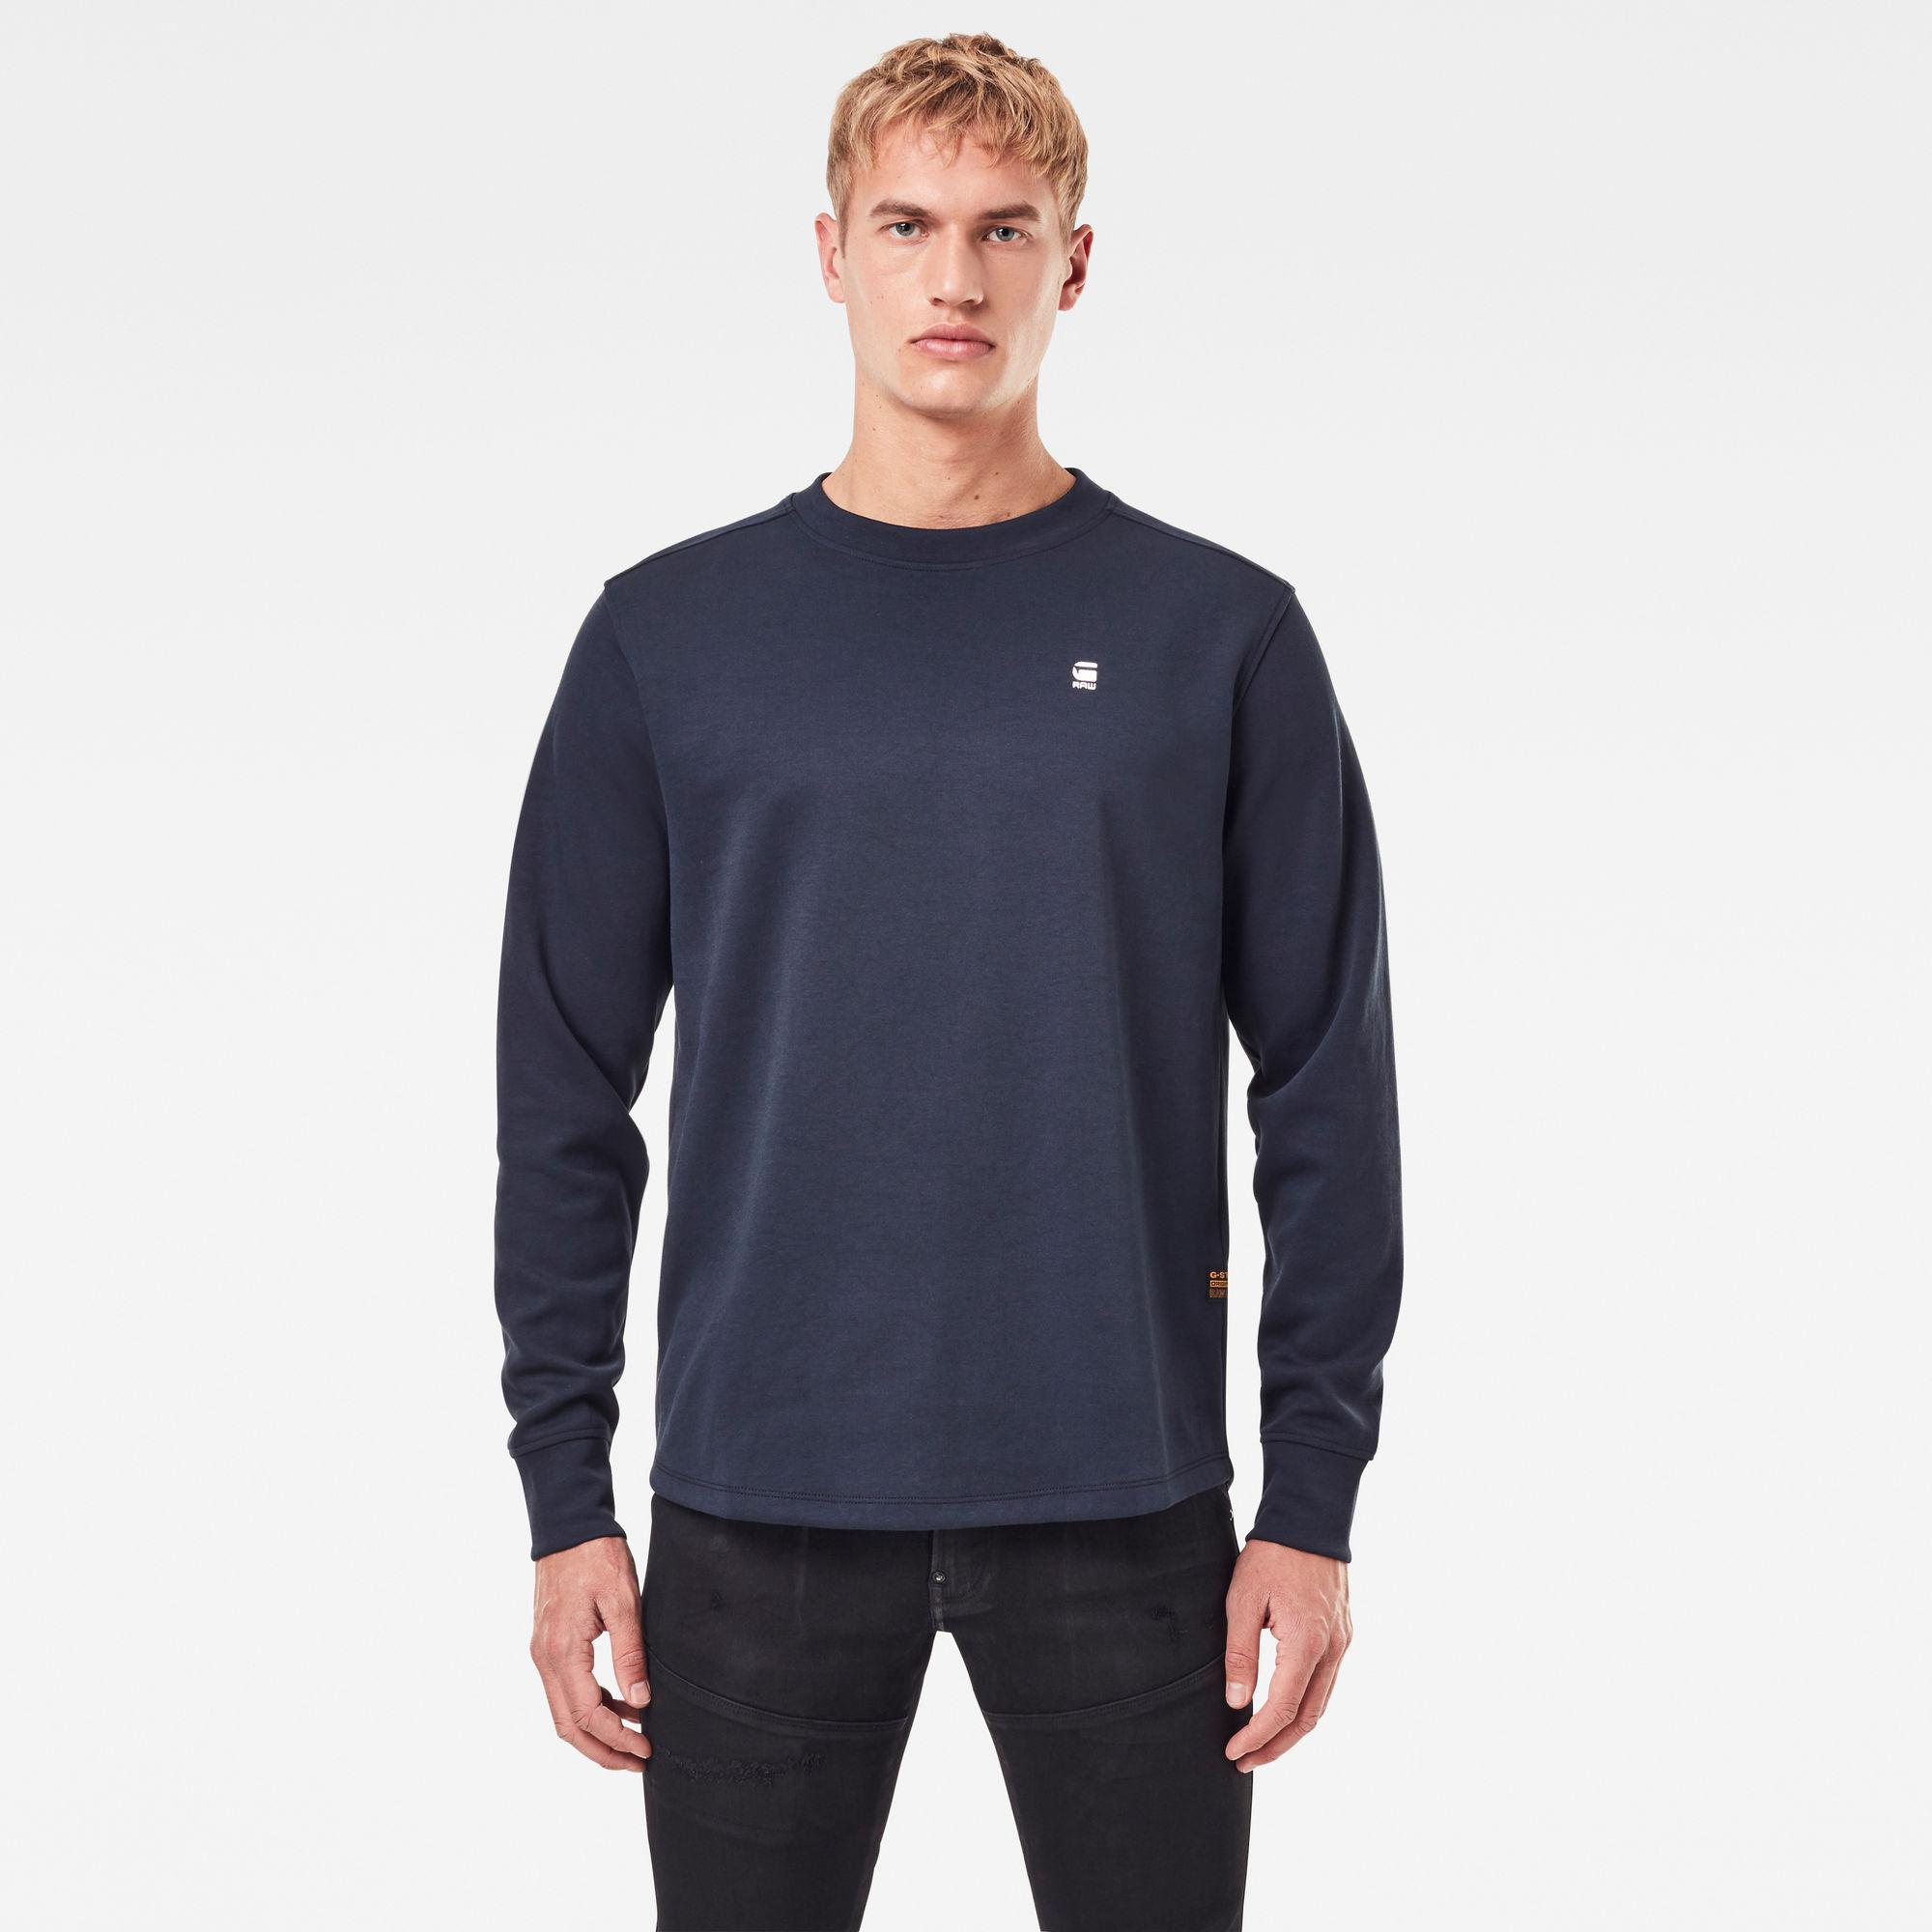 G-Star RAW Heren Lash Sweater Donkerblauw